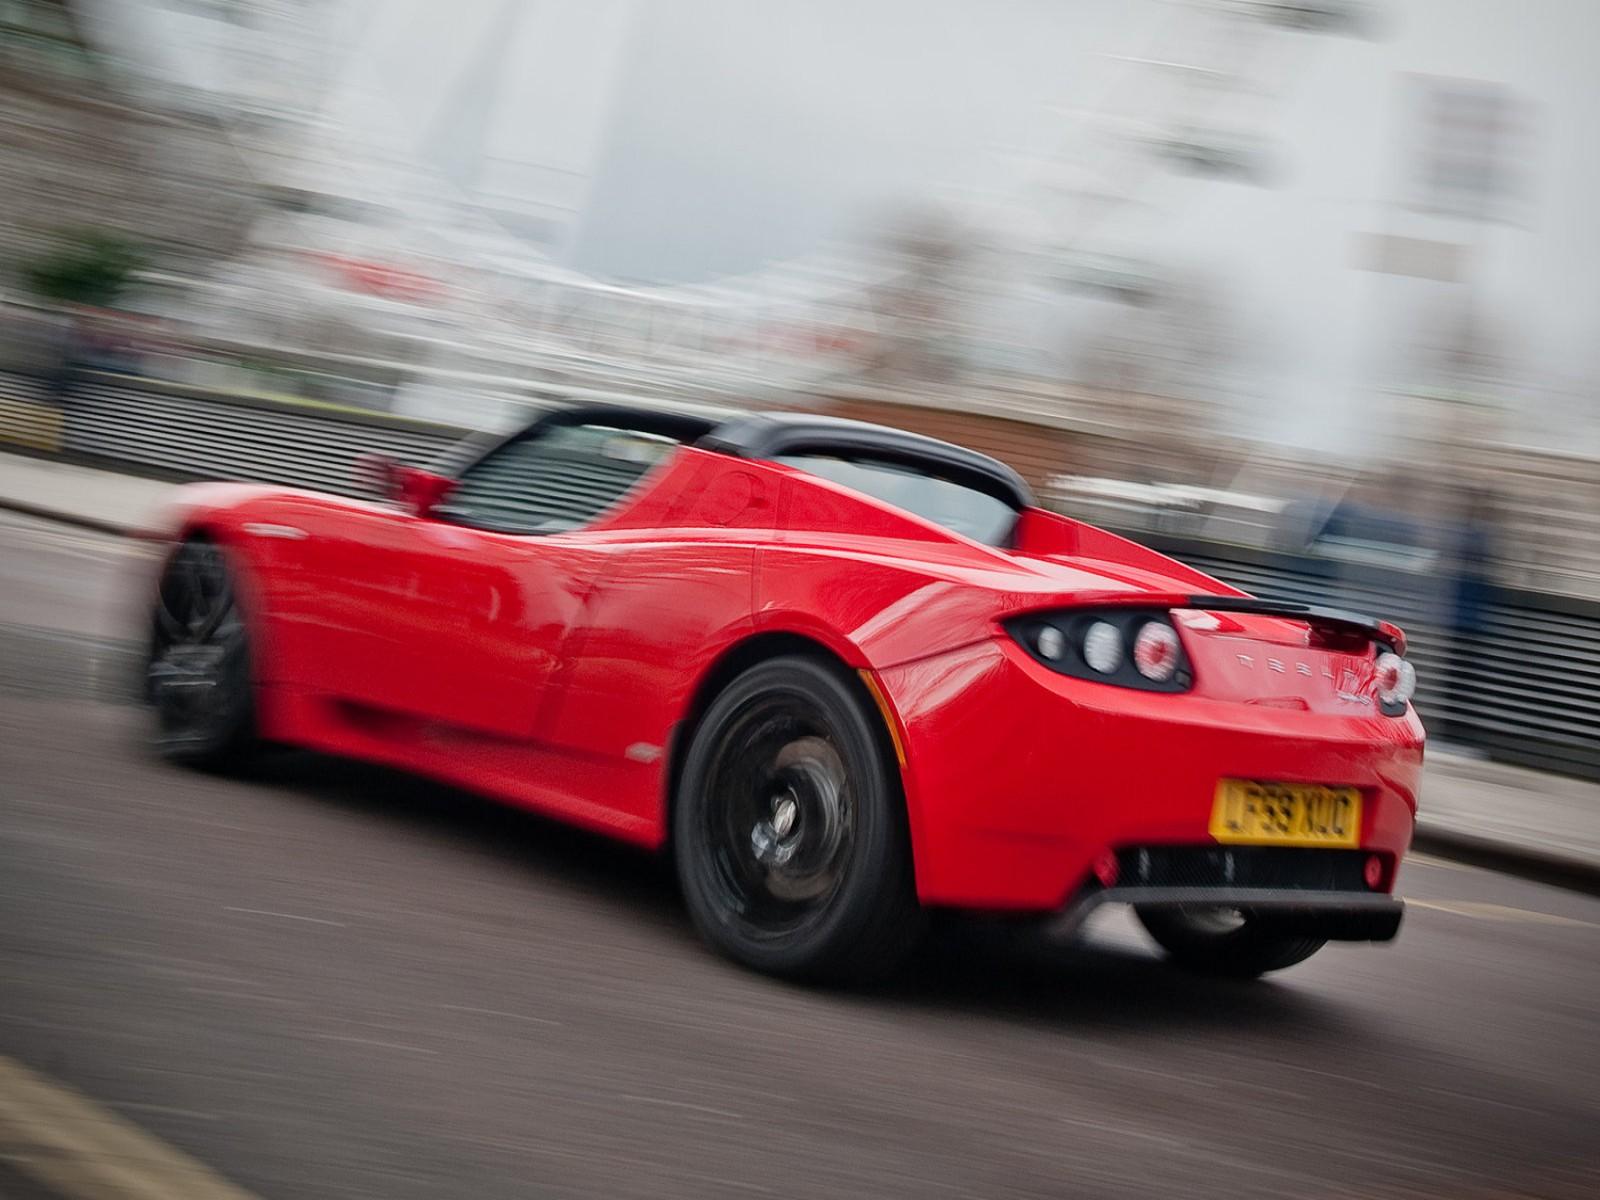 Tesla Roadster UK Version image Present Desktop Backgrounds